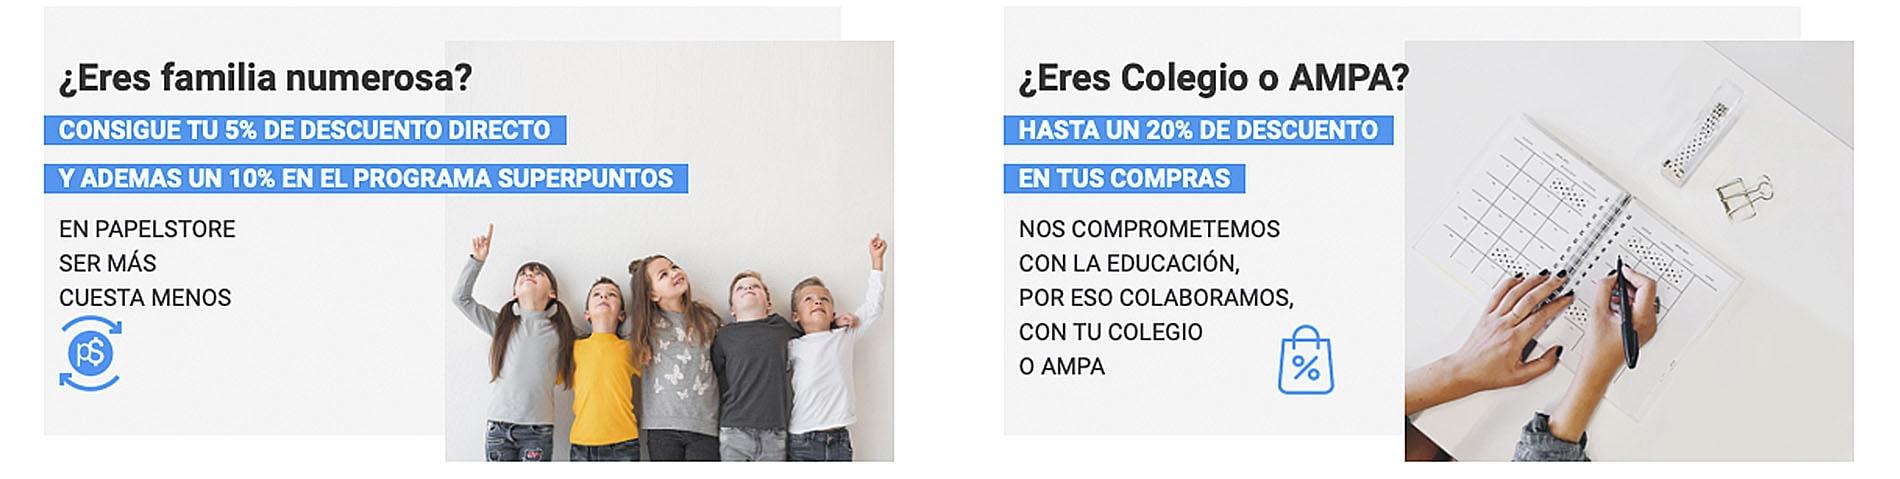 descuentos_papelería_papelstore